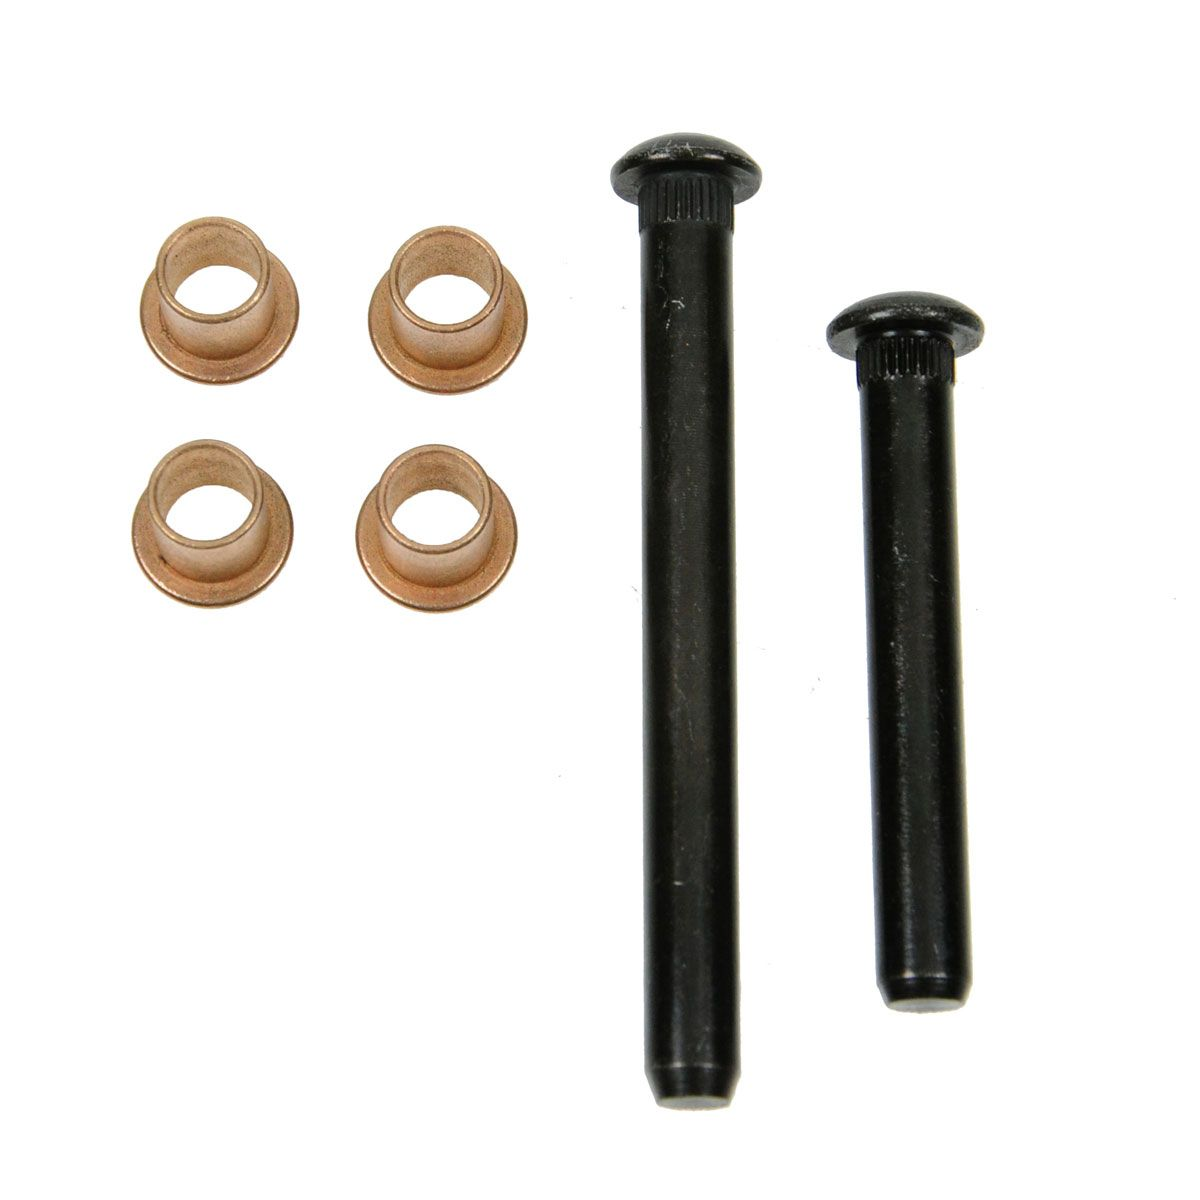 Dorman Door Hinge Pin Amp Bushing Kit Set 2 Pins Amp 4